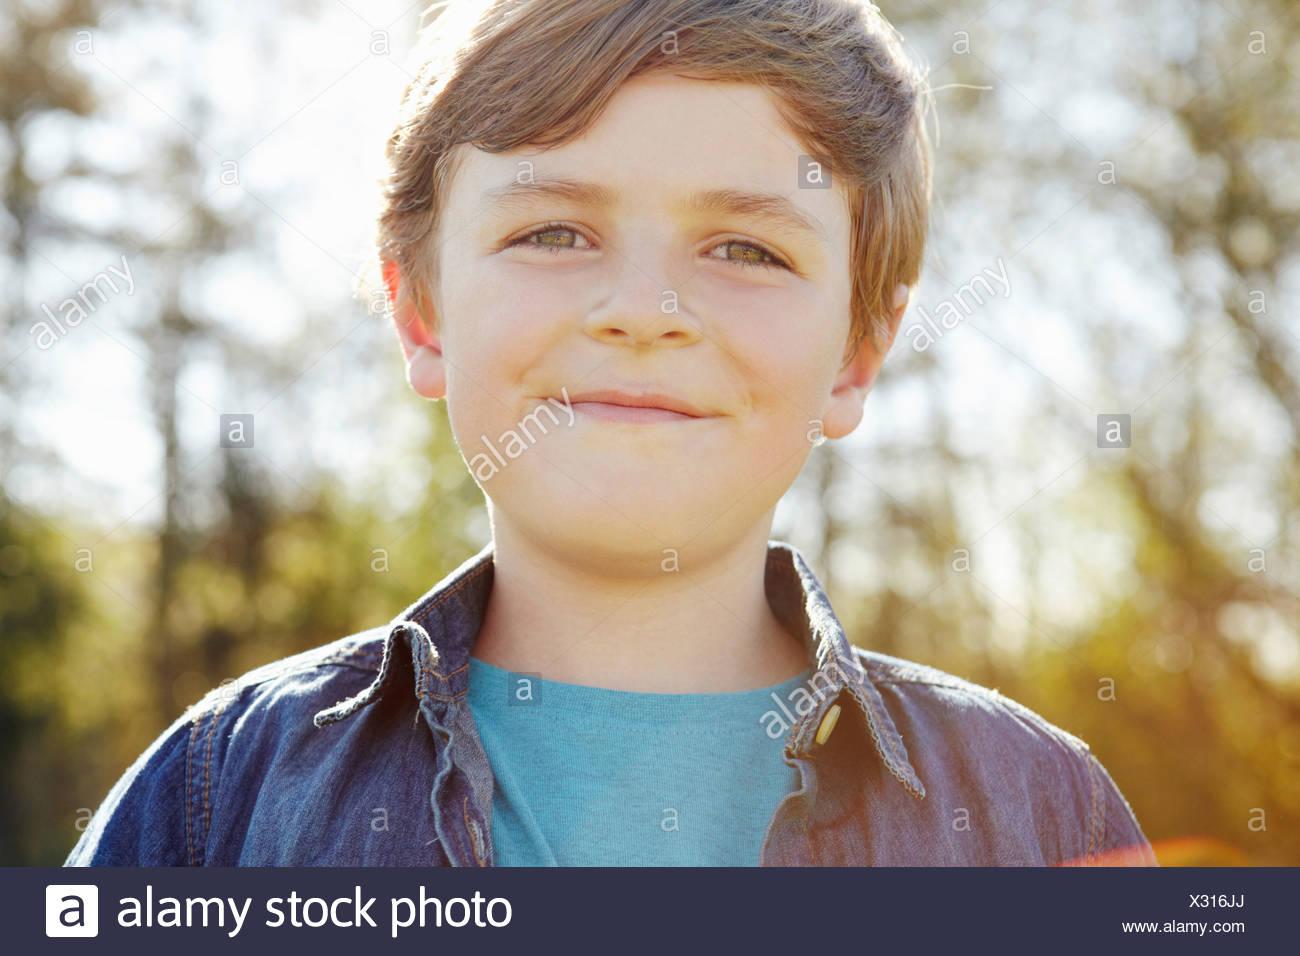 Ragazzo con cheeky grin Immagini Stock